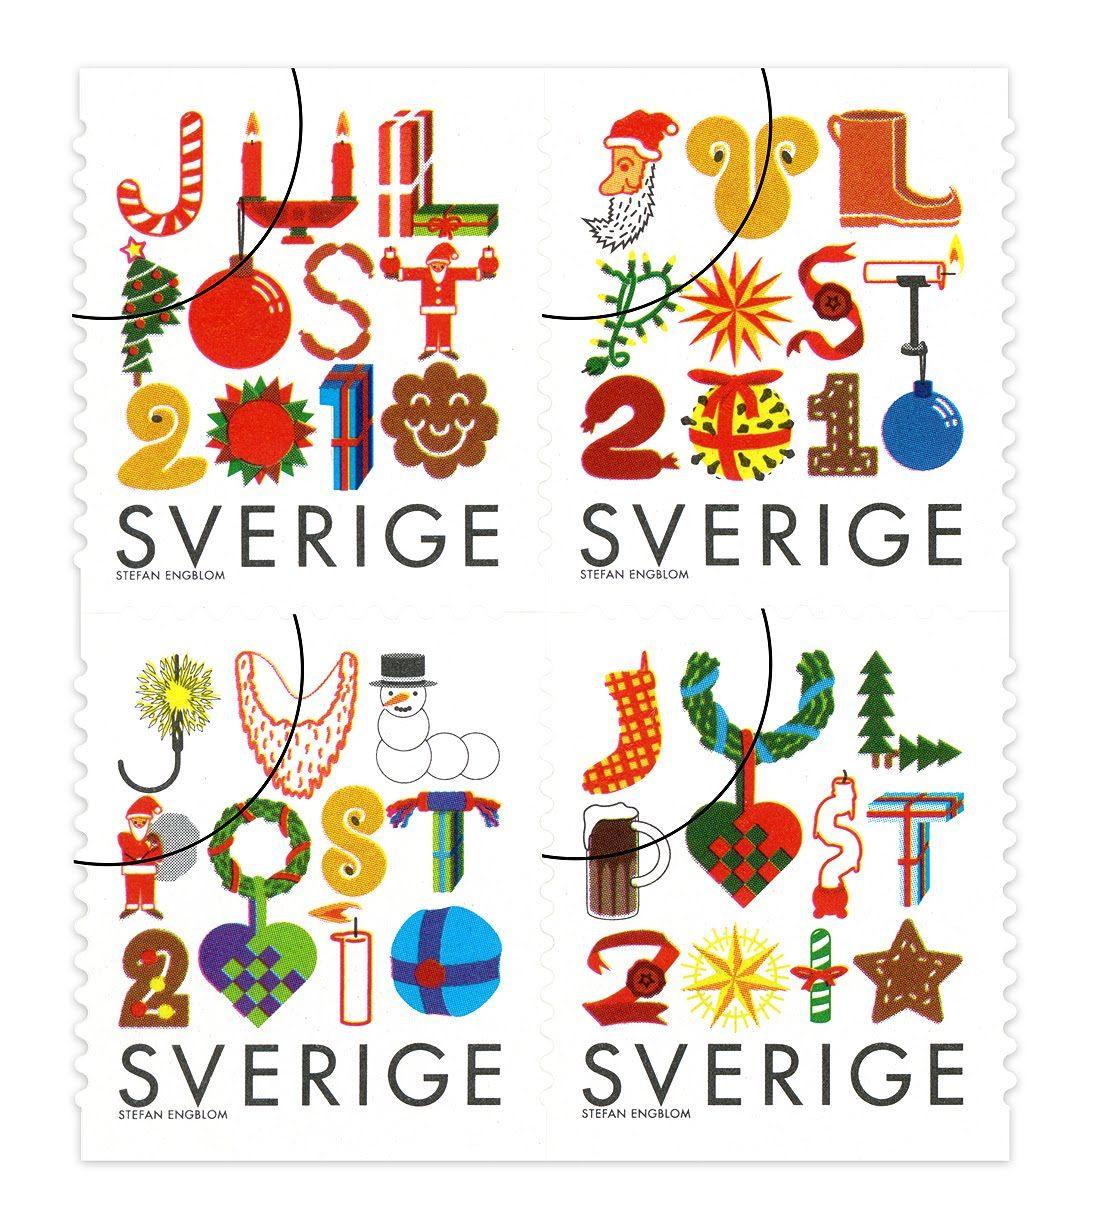 2010 Swedish Christmas stamps